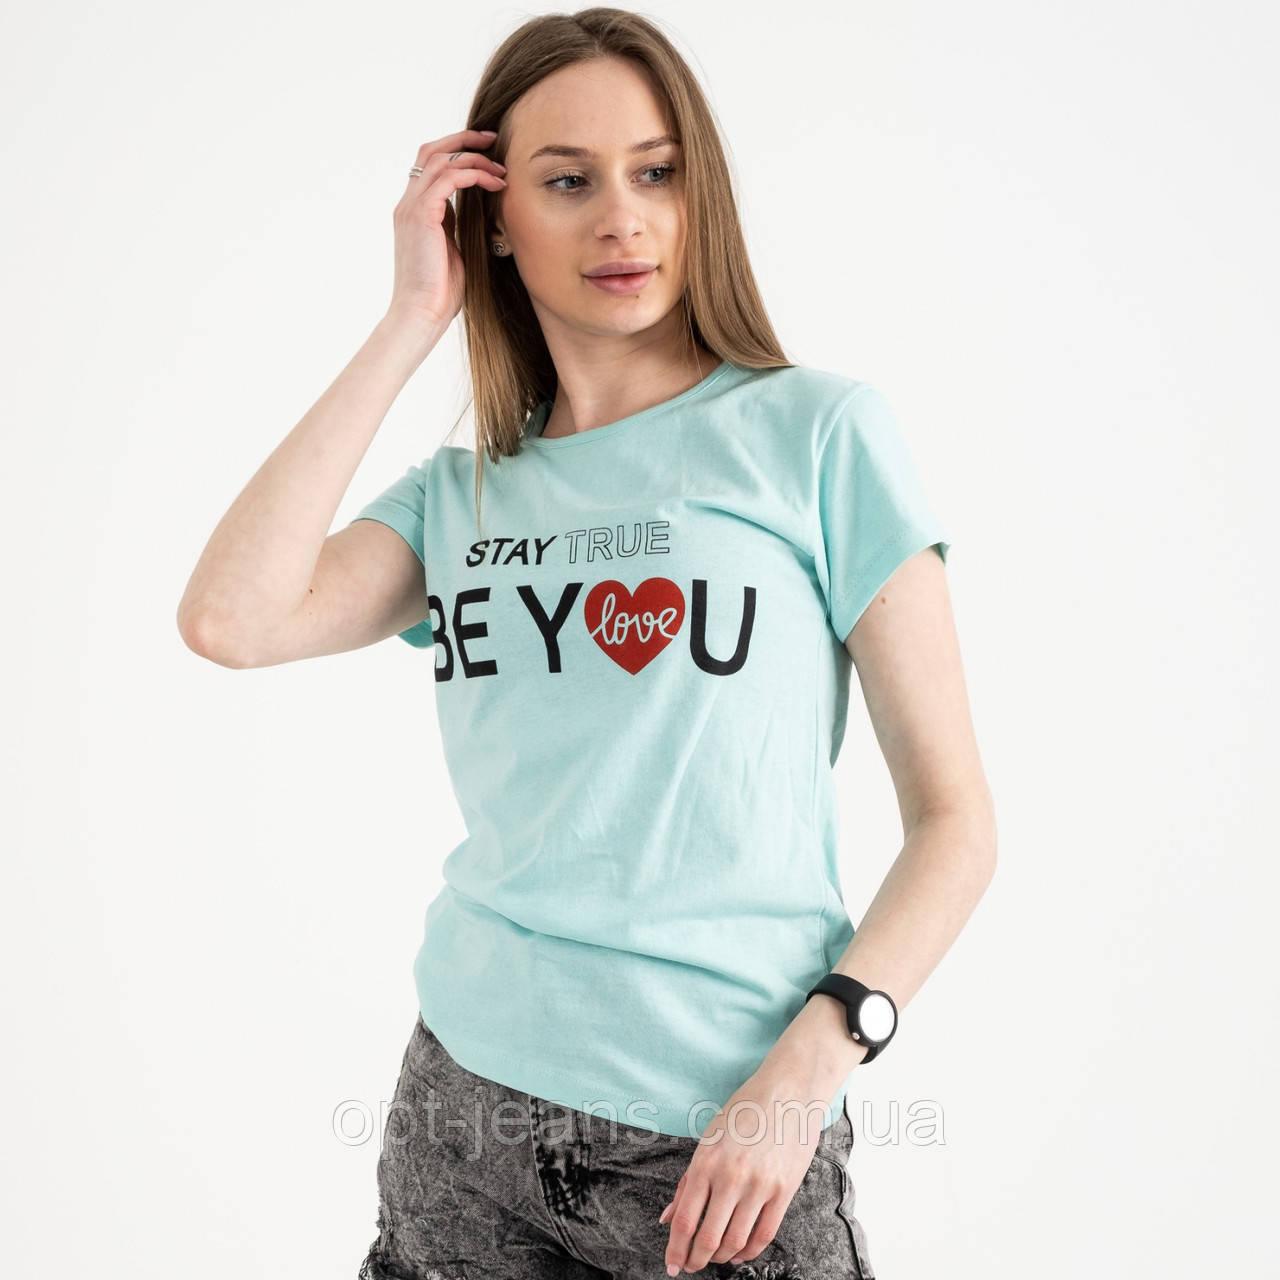 2502-4 Akkaya бирюзовая футболка женская с принтом стрейчевая (4 ед. размеры: S.M.L.XL)